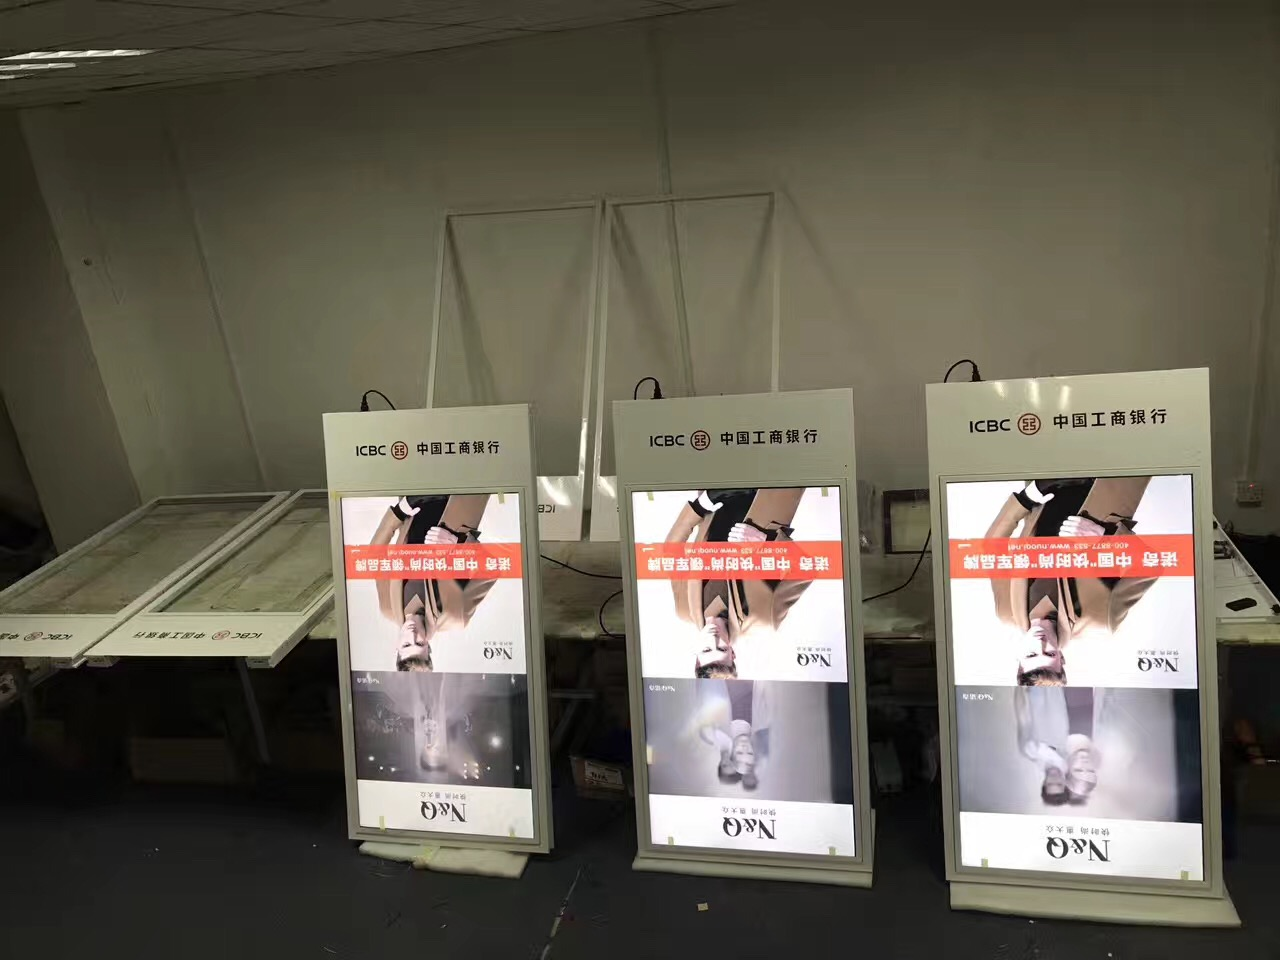 大唐商显提供工商银行43寸吊挂式双屏液晶广告机